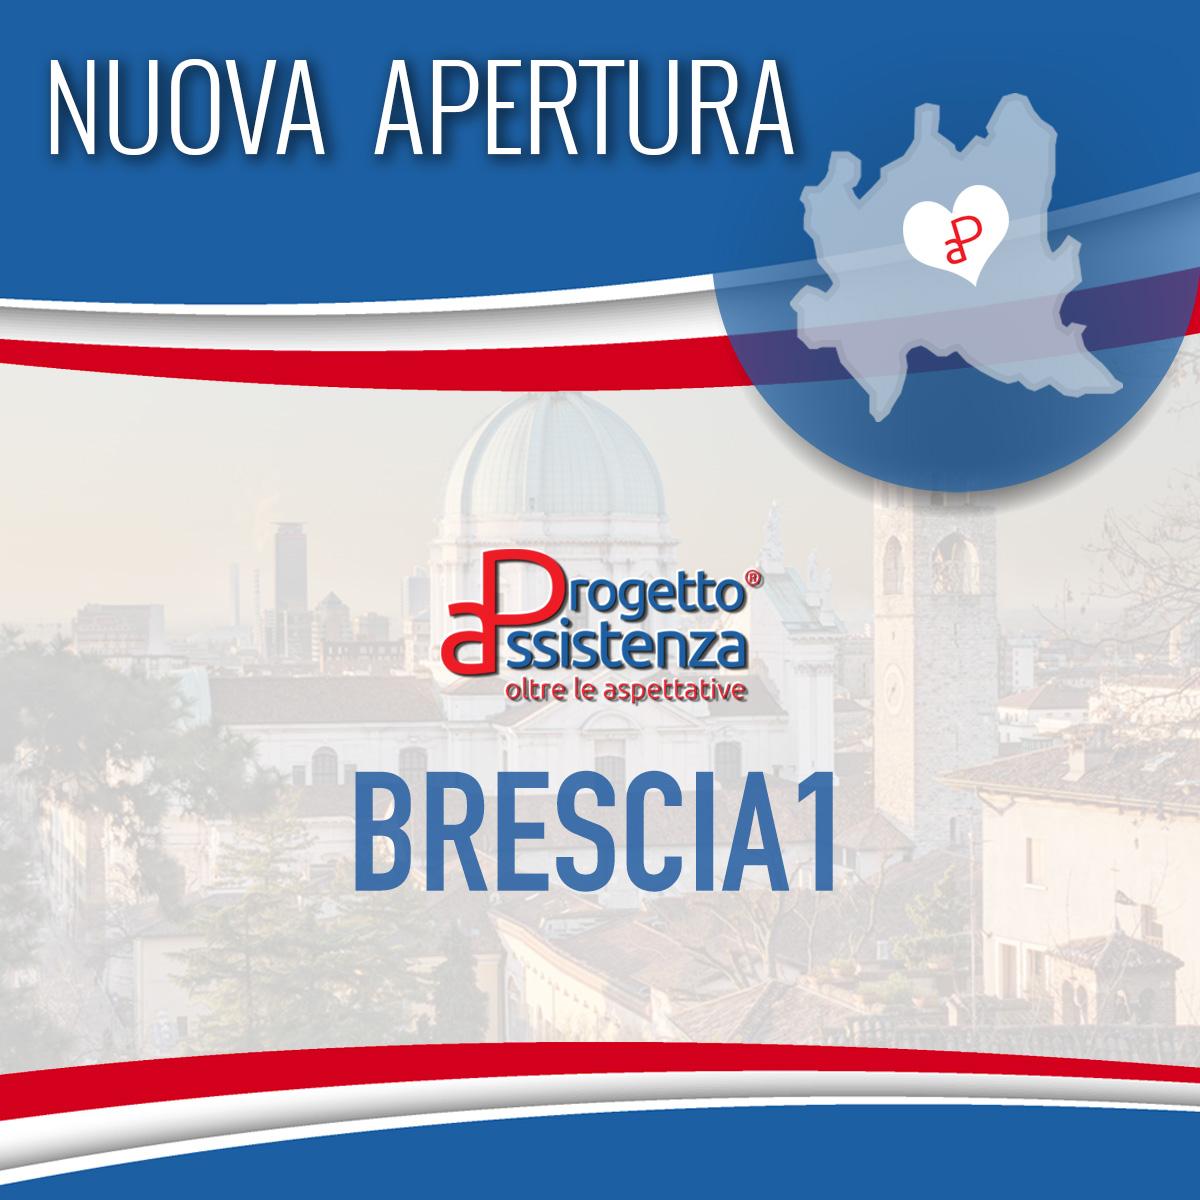 Nuova Apertura: Brescia1